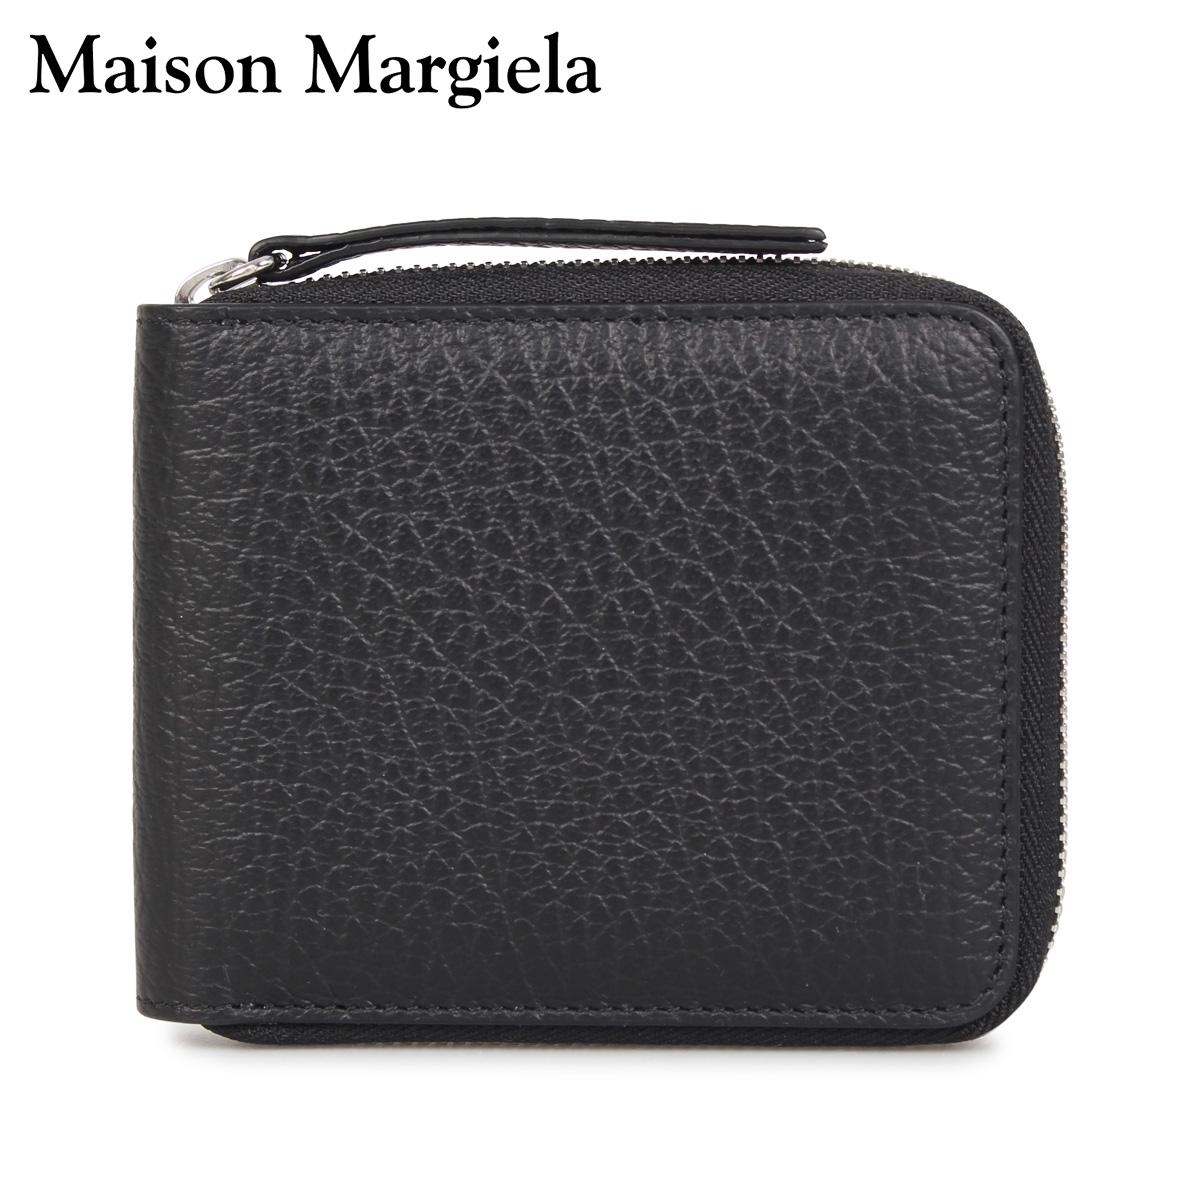 メゾンマルジェラ MAISON MARGIELA 財布 二つ折り メンズ レディース WALLET ブラック 黒 S56UI0111 [3/12 新入荷]